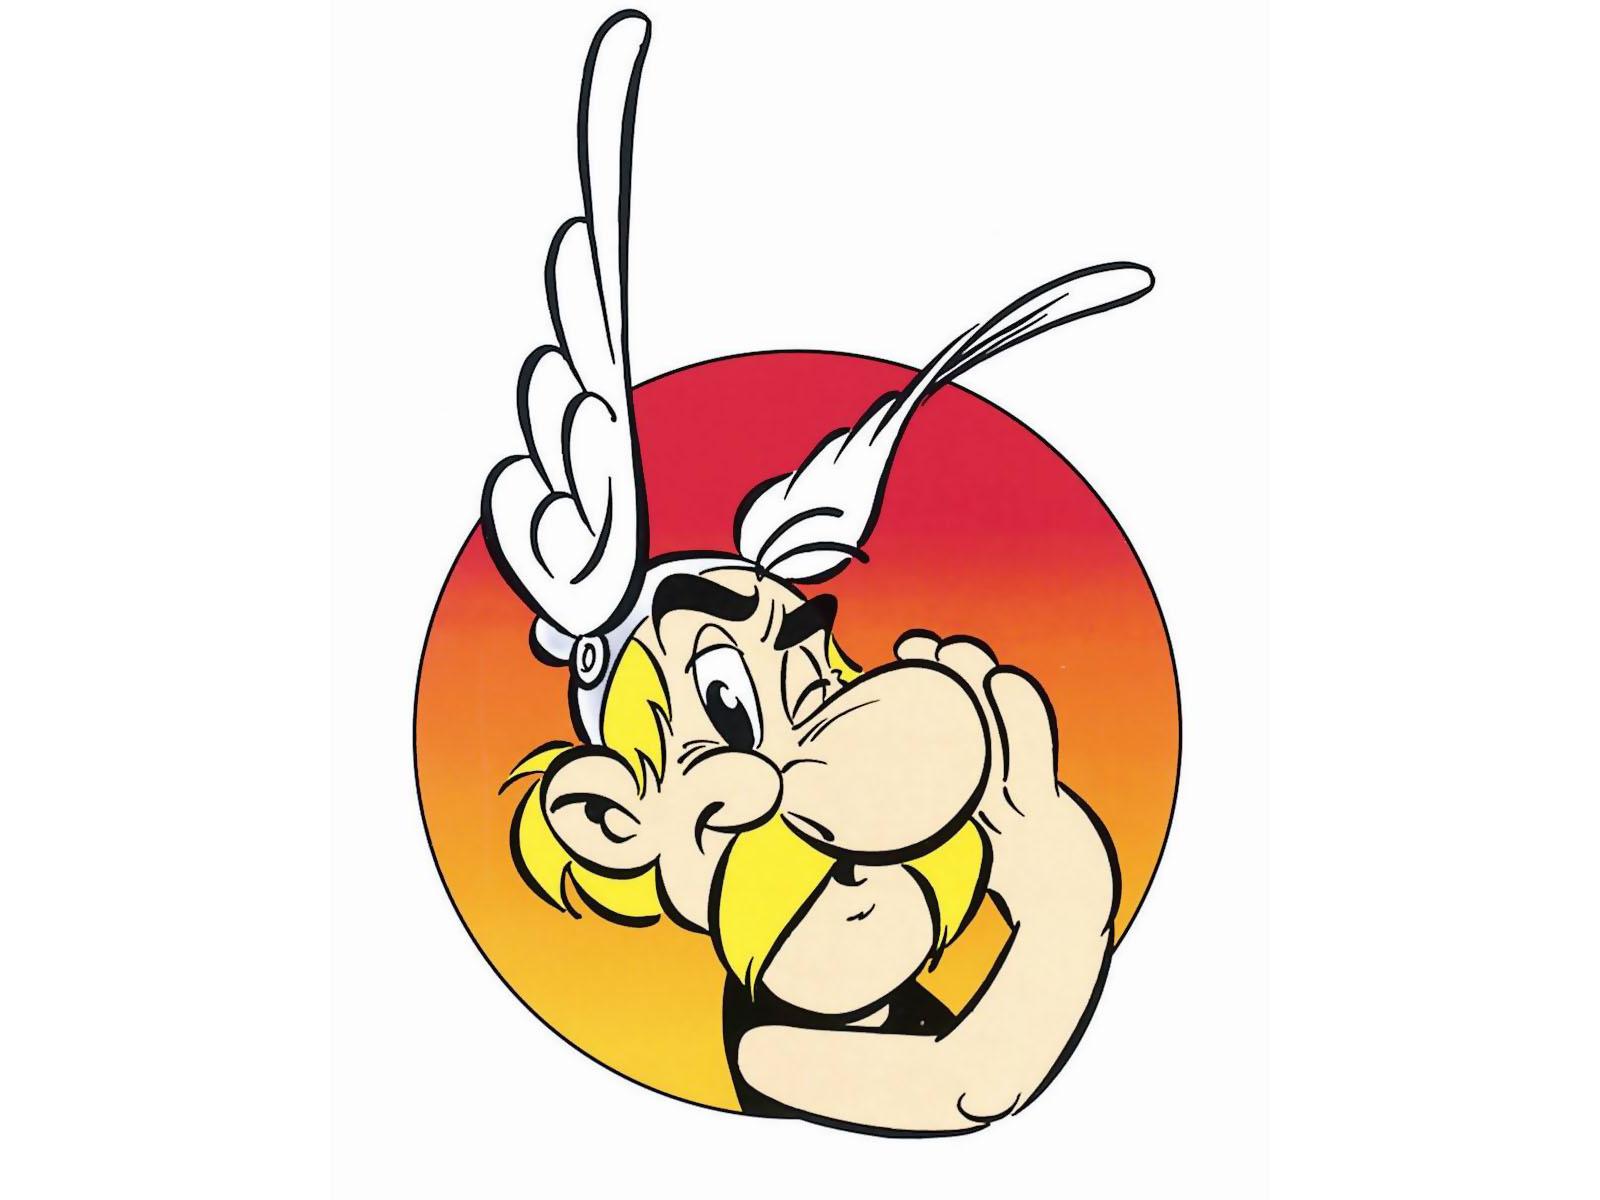 Dessin en couleurs imprimer personnages c l bres - Dessin de asterix ...